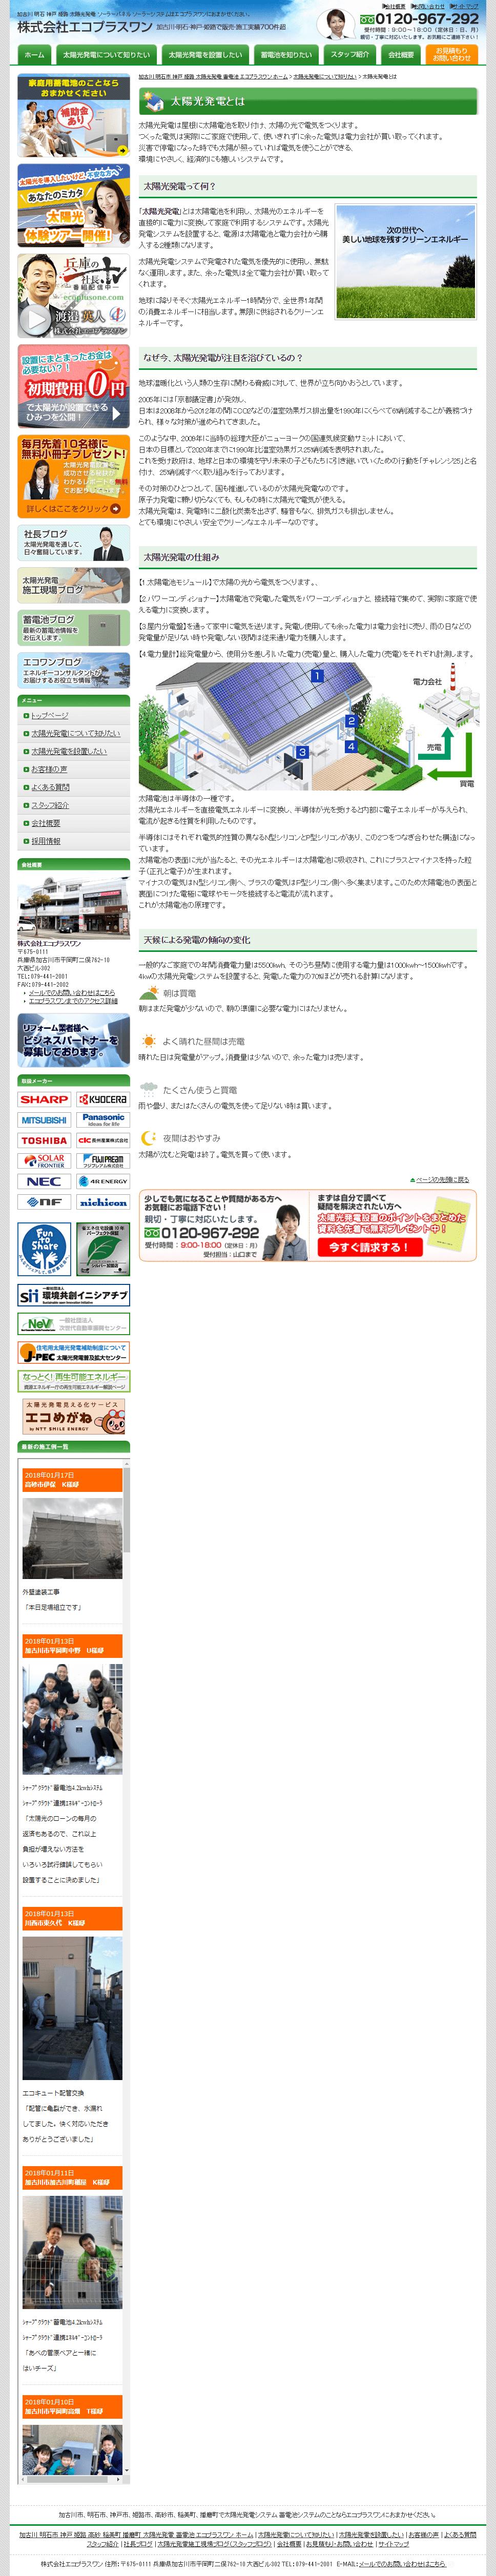 加古川市 株式会社エコプラスワン様 ホームページ制作2